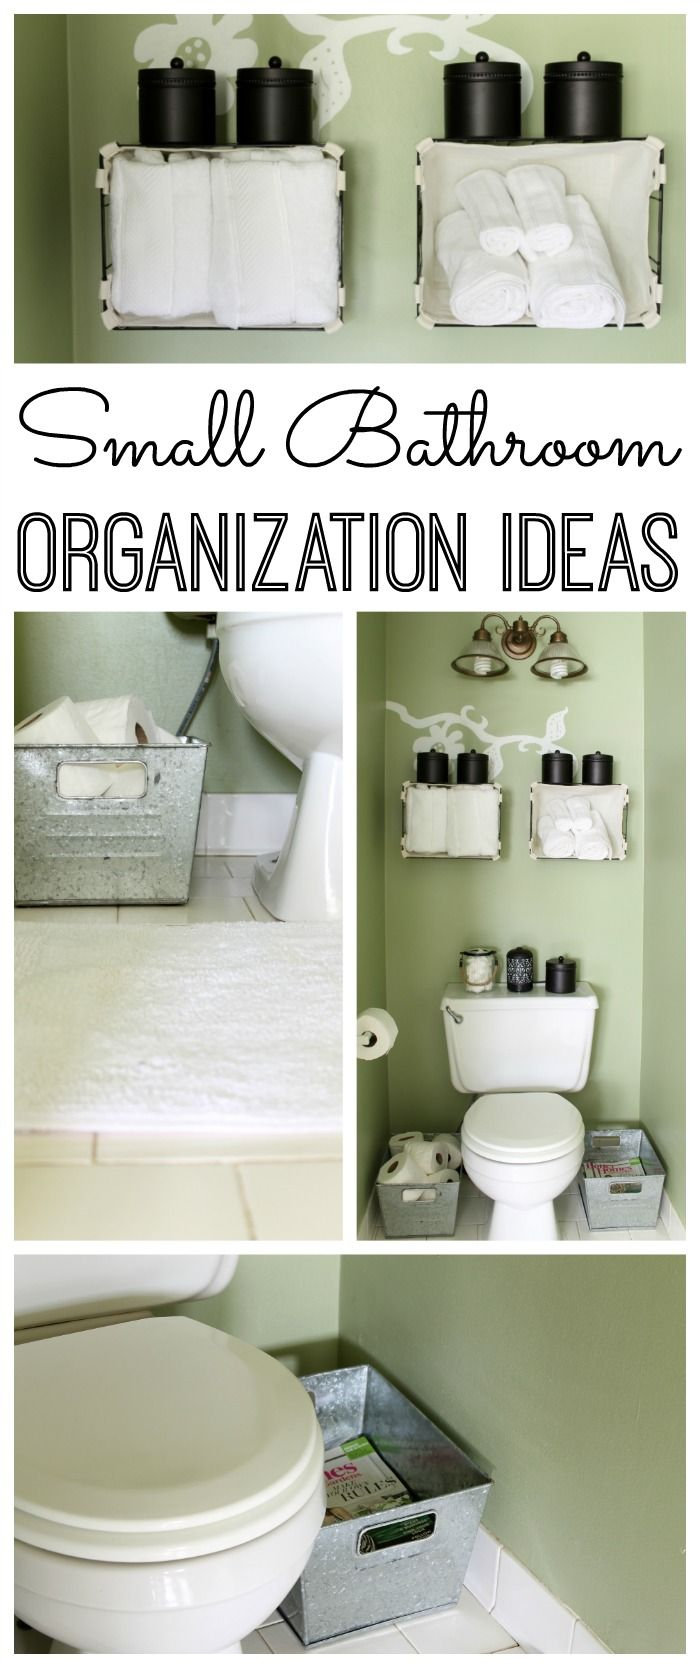 Small Bathroom Organization Ideas  Small Bathroom Organization Magnificent Small Bathroom Organization 2018